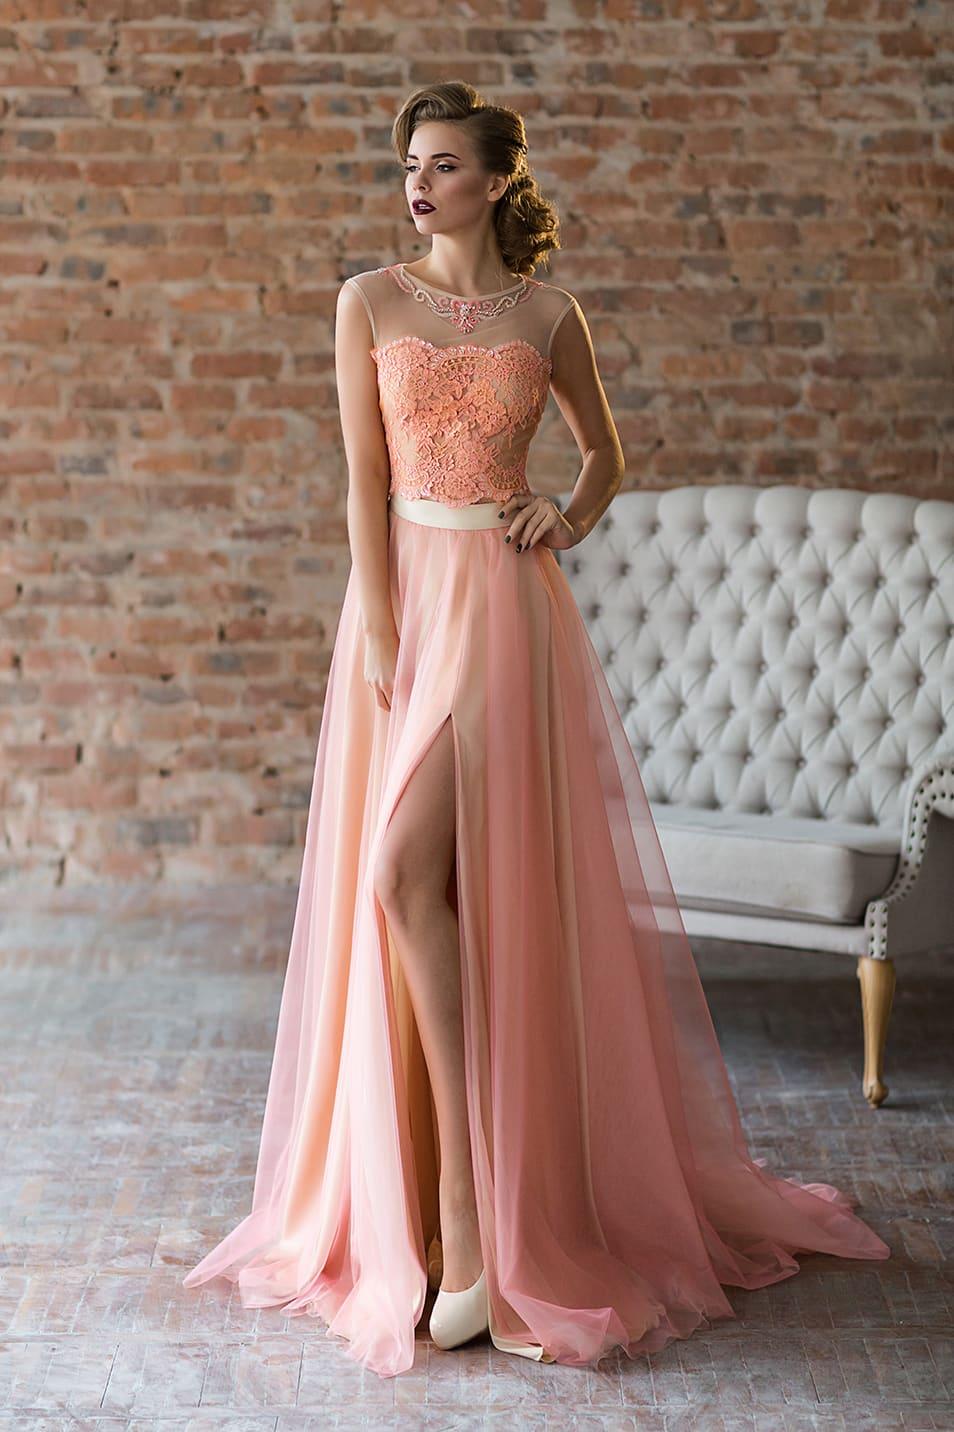 098ed0db34d Персиковое вечернее платье Valentina Gladun Fabian ▷ Свадебный ...